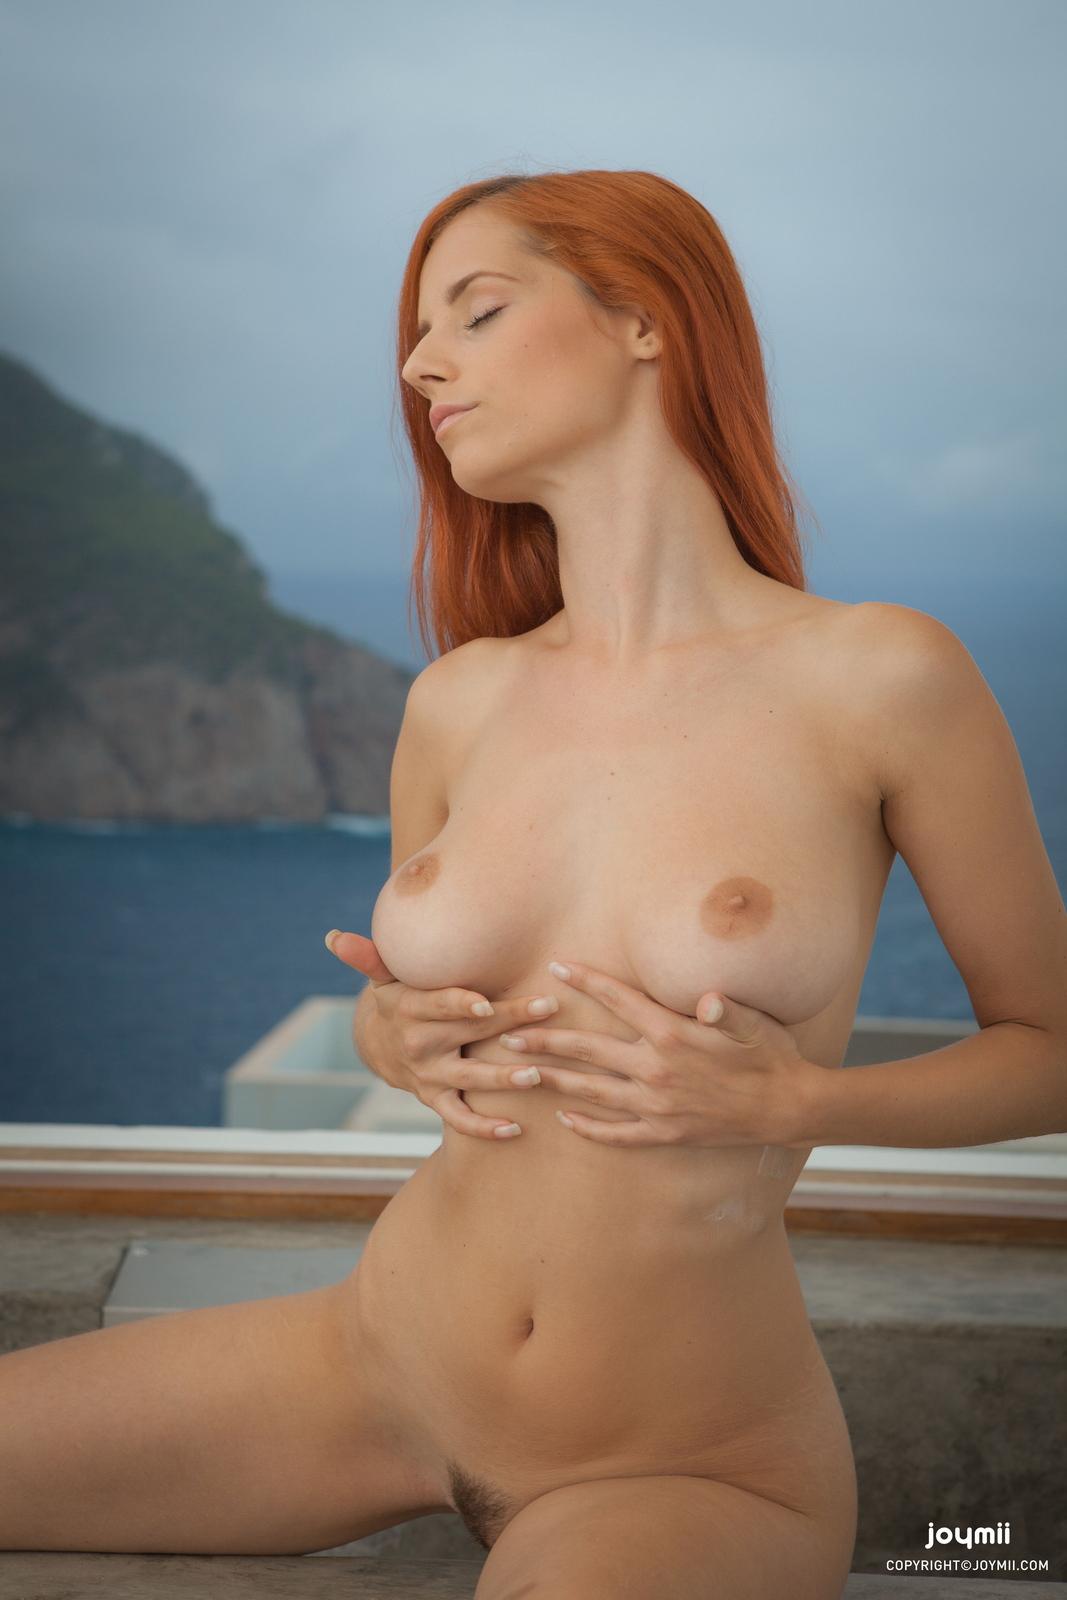 ariel-redhead-bathroom-naked-boobs-joymii-03